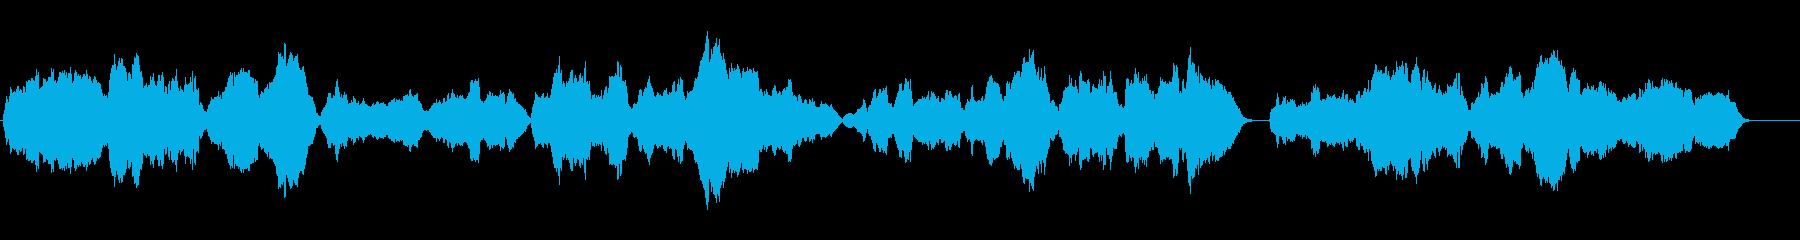 童話のような雰囲気の生サックス四重奏の再生済みの波形